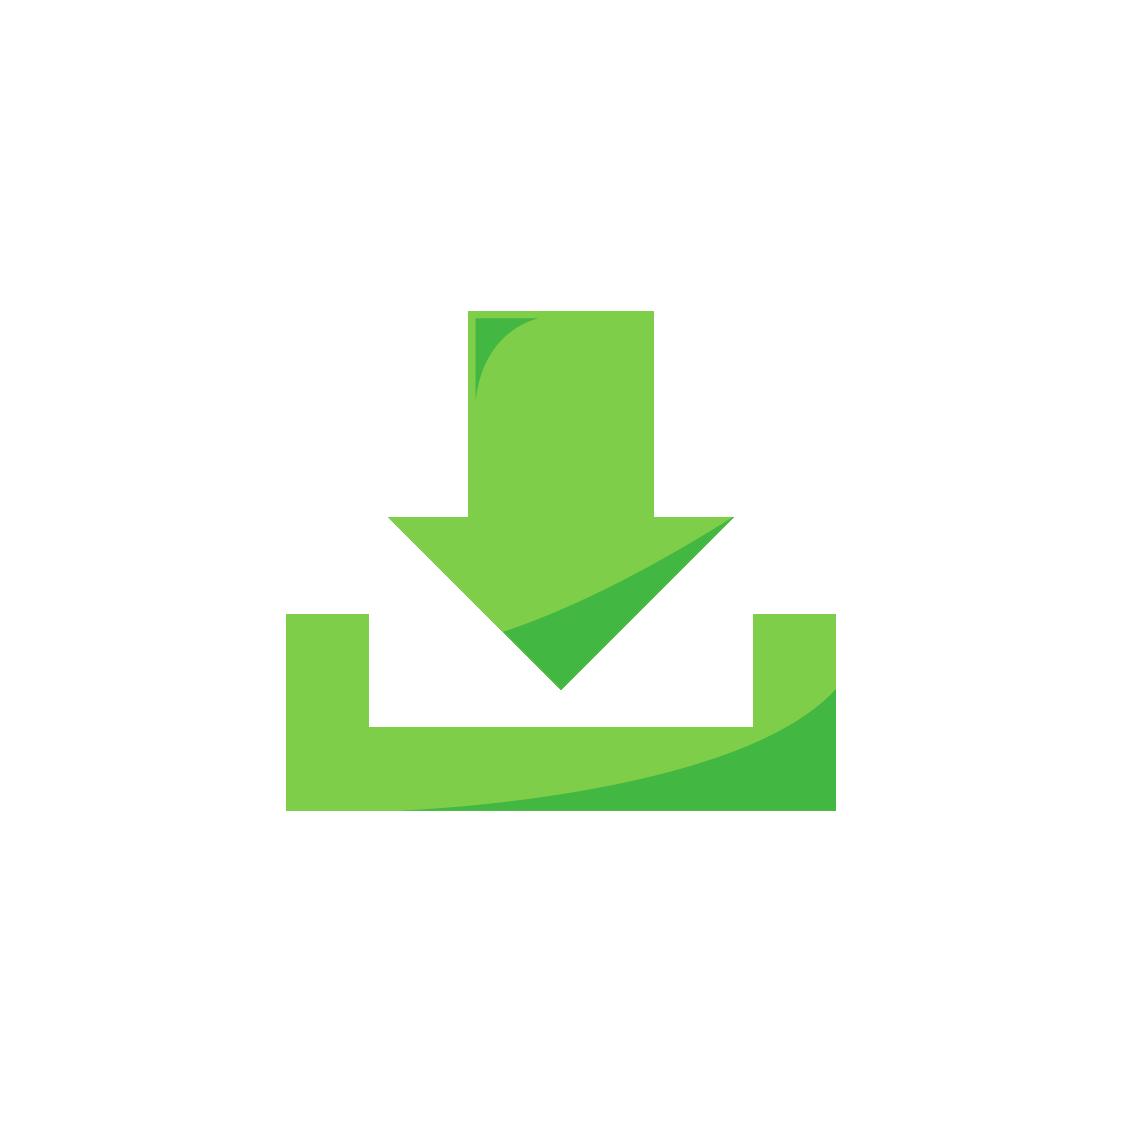 Examen groene gordel